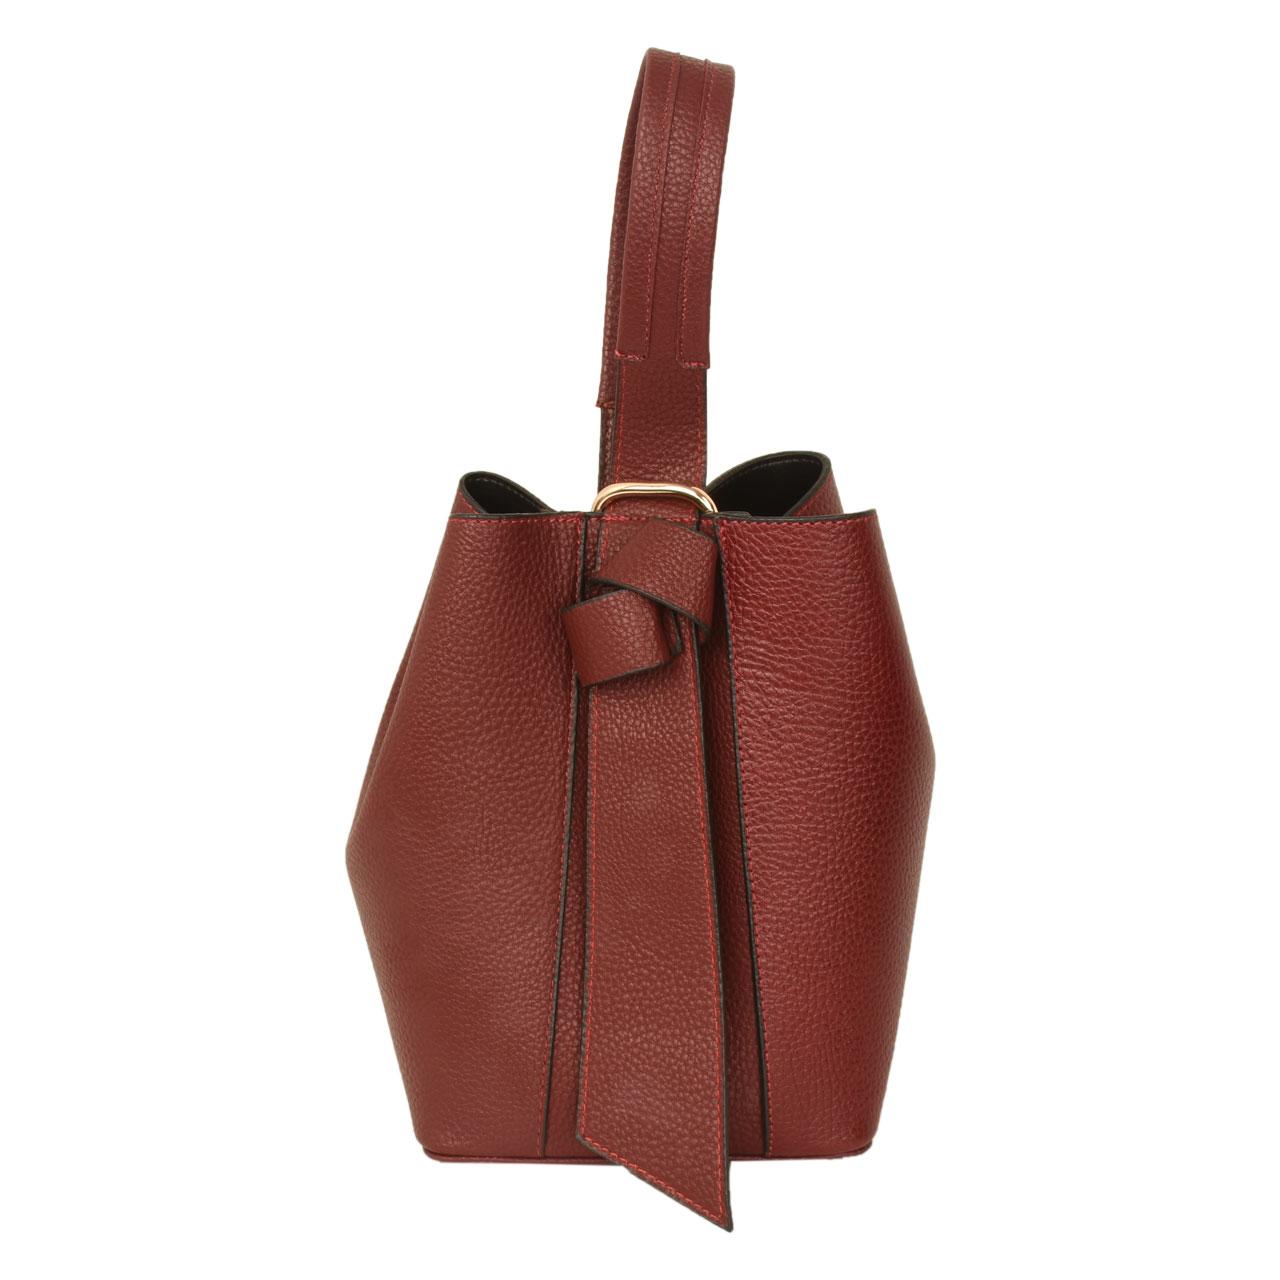 کیف دستی  زنانه پارینه مدل PlV128-12-1540